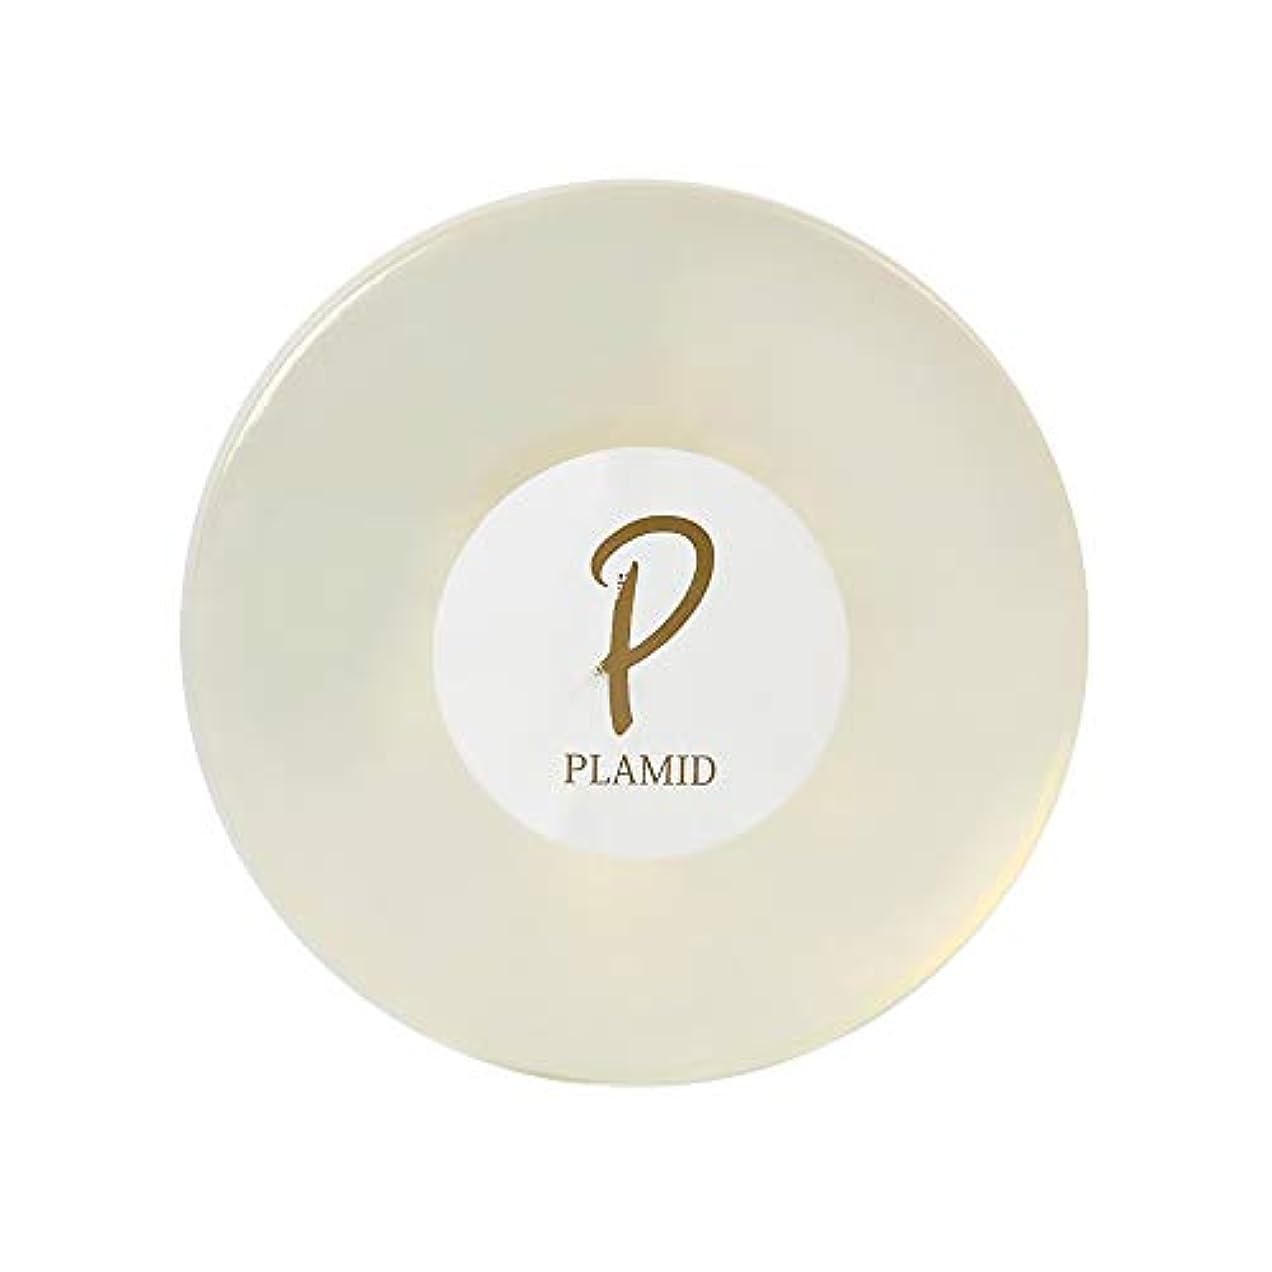 ポップきらめきホイップPLAMID プラミドクリスタルソープ(90g)馬プラセンタ配合 透明洗顔石鹸 ROTTS ロッツ